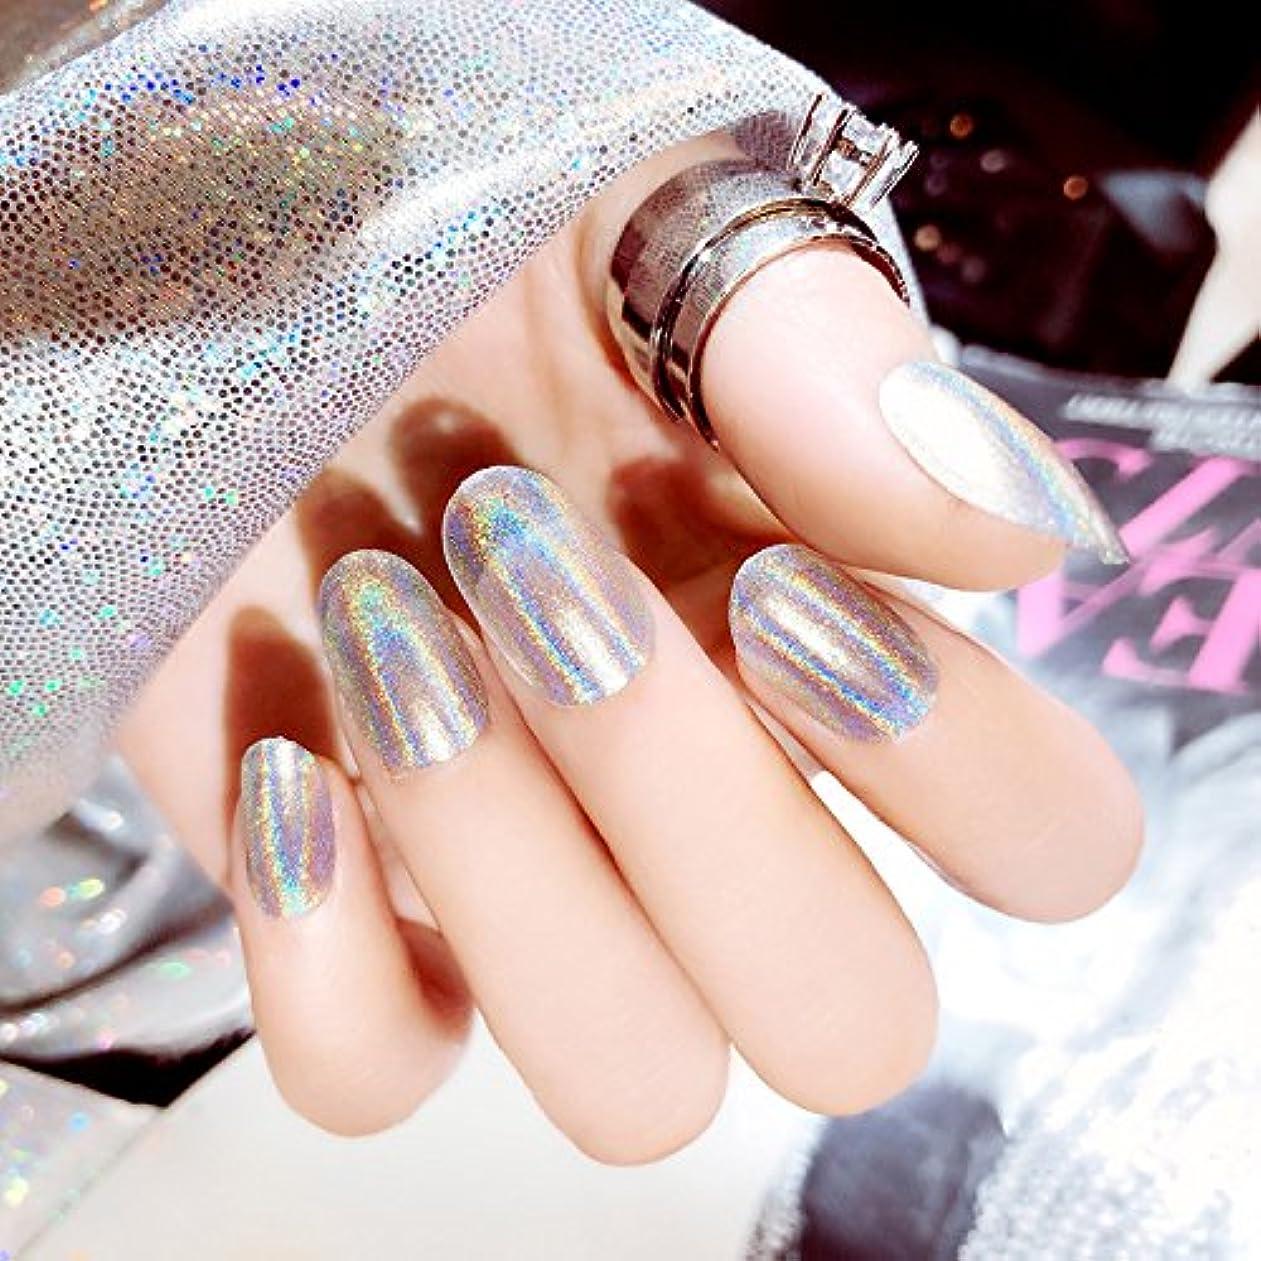 磁気不名誉な浅い質感 彩がつく 24枚純色付け爪 ネイル貼るだけネイルチップ レーザー 多重光沢 お花嫁付け爪 ジェルネイルの光疗法 シンフォニー (輝くシルバー)